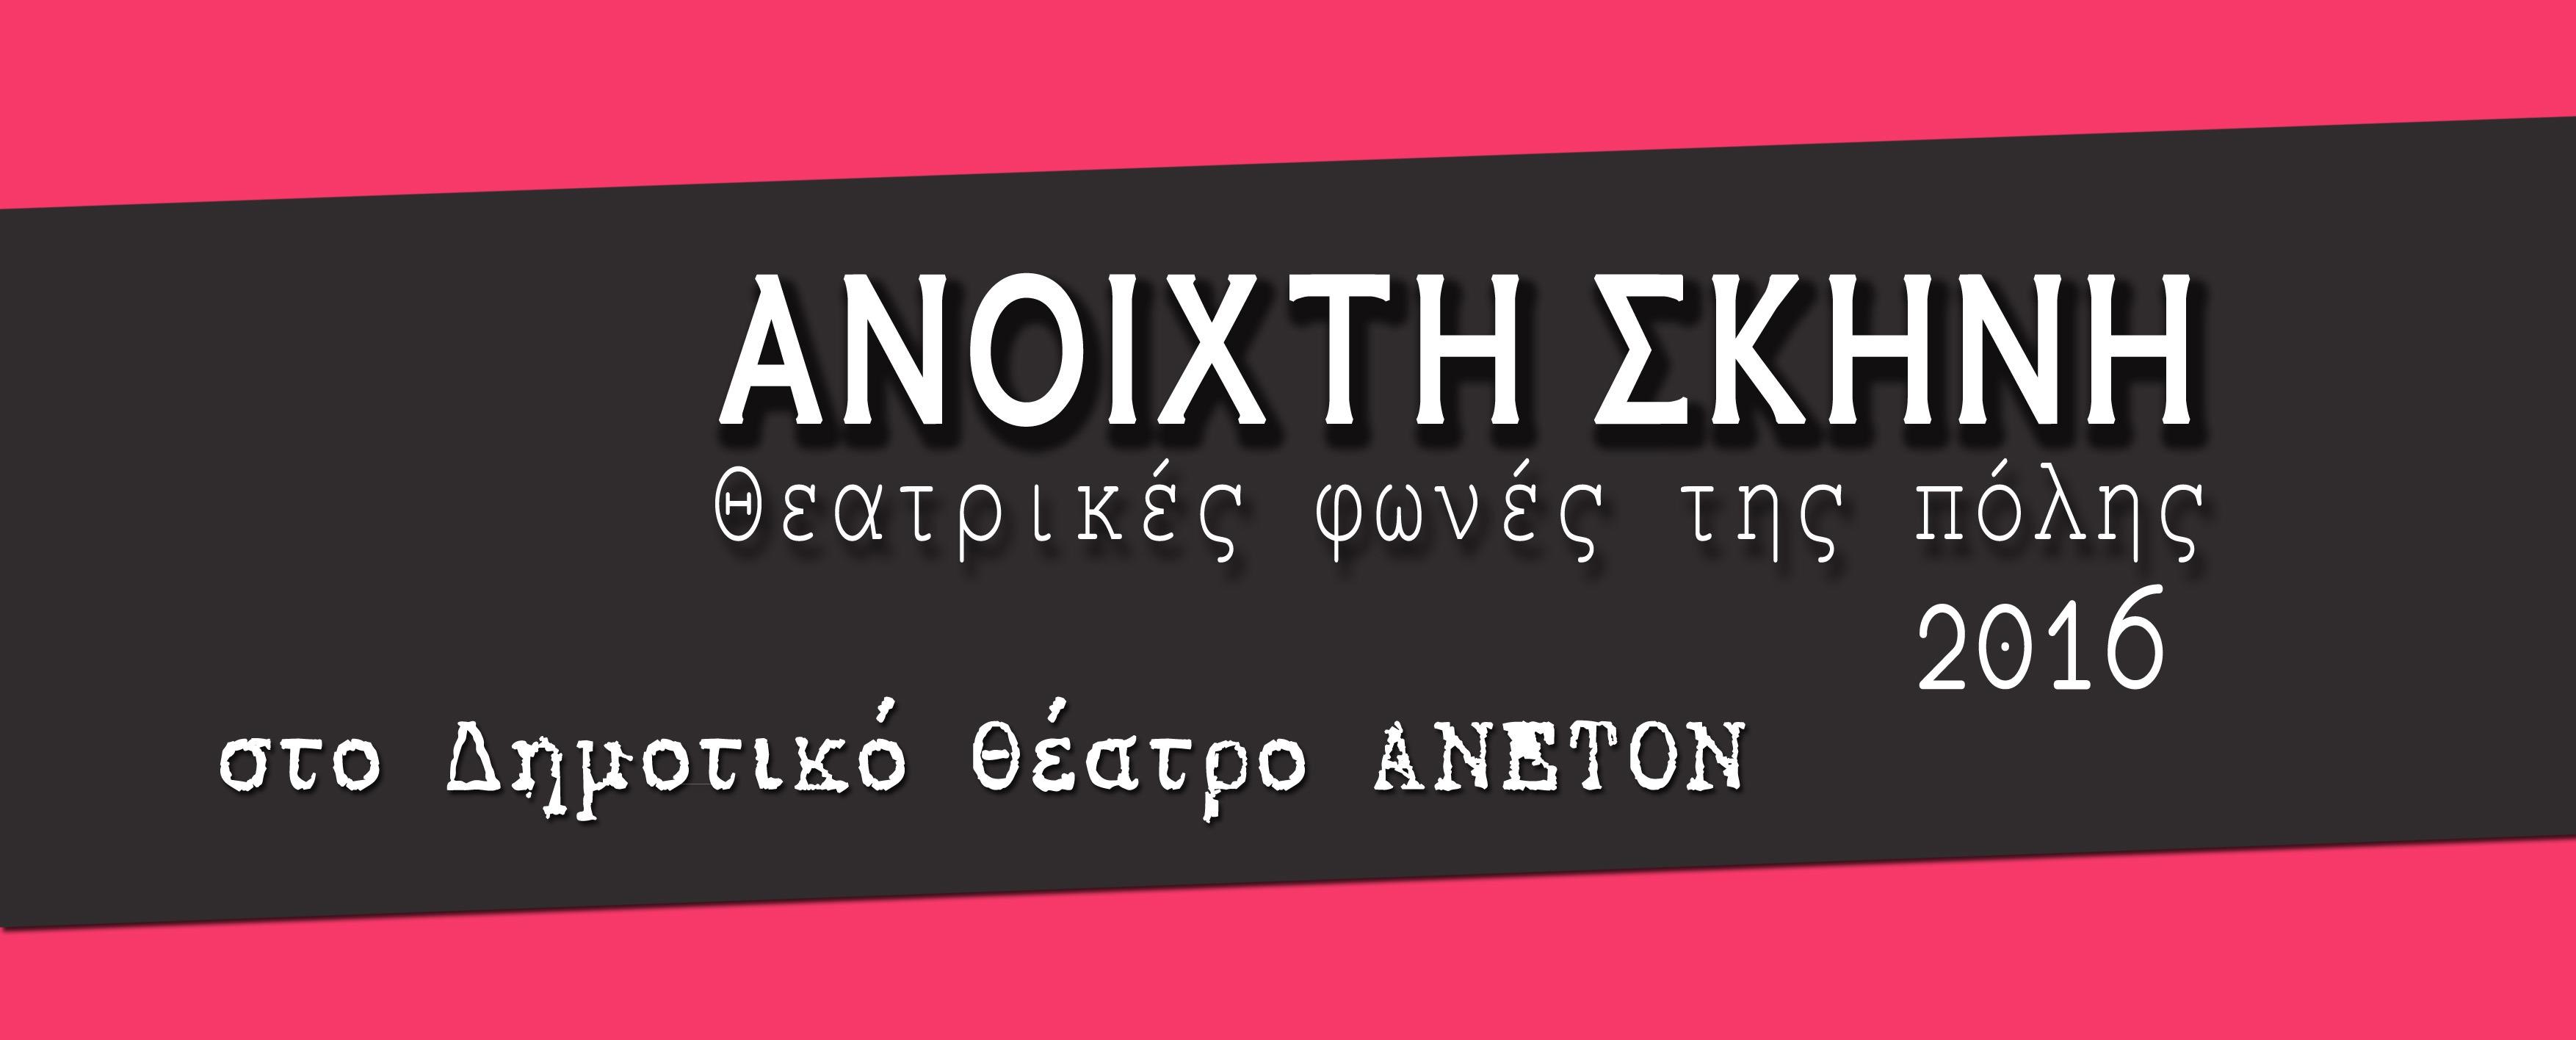 Συνέντευξη τύπου: «Ανοιχτή Σκηνή – Θεατρικές Φωνές της Πόλης» από το Δήμο Θεσσαλονίκης